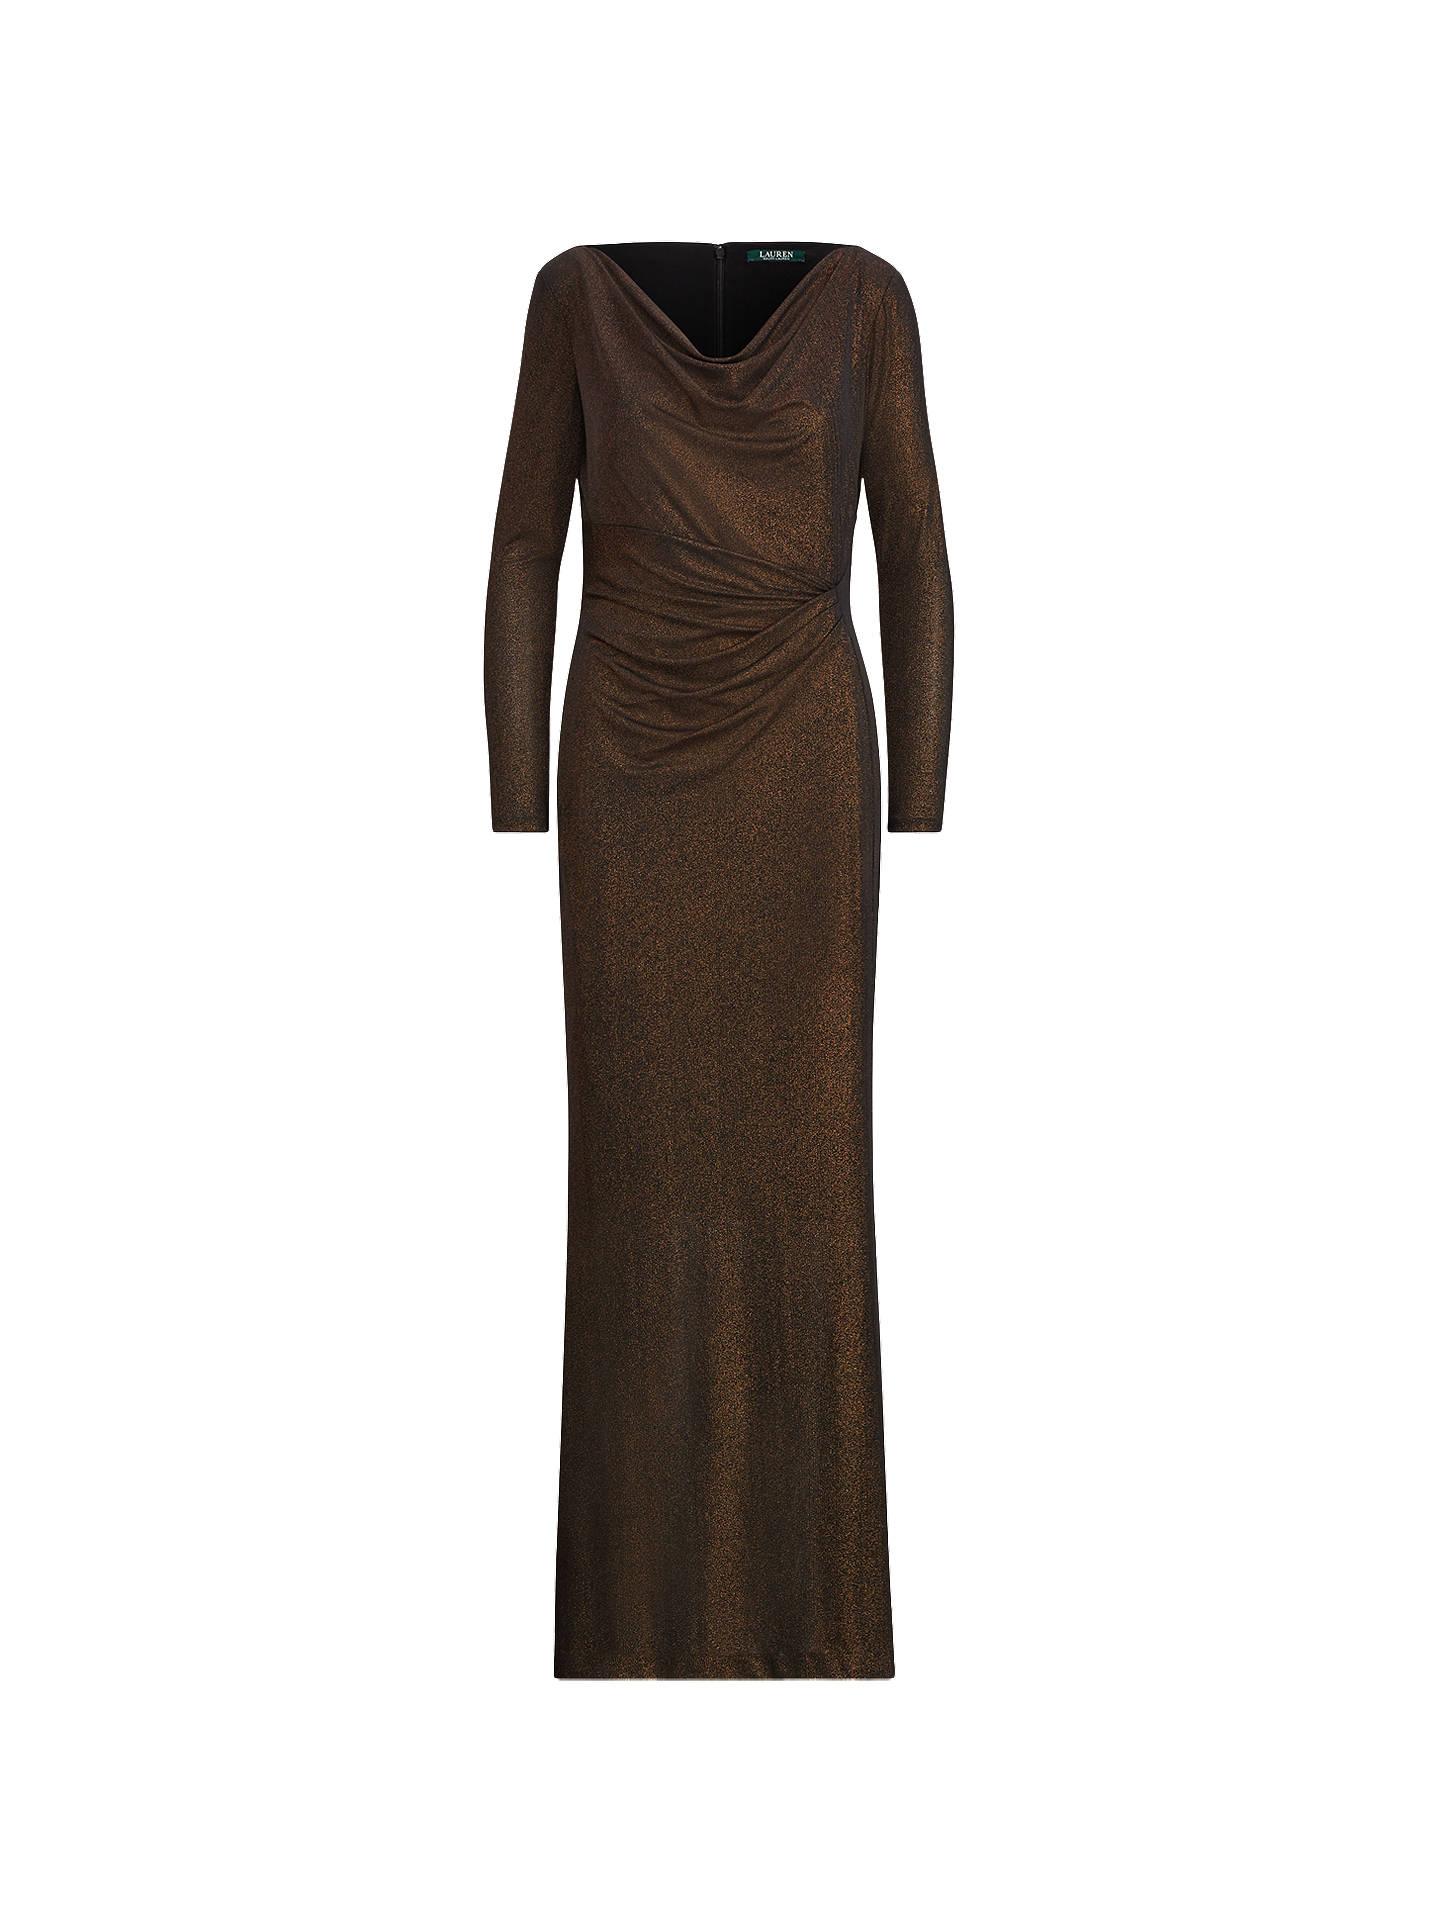 7fa08ba4afe Buy Lauren Ralph Lauren Metallic Jacquard Dress